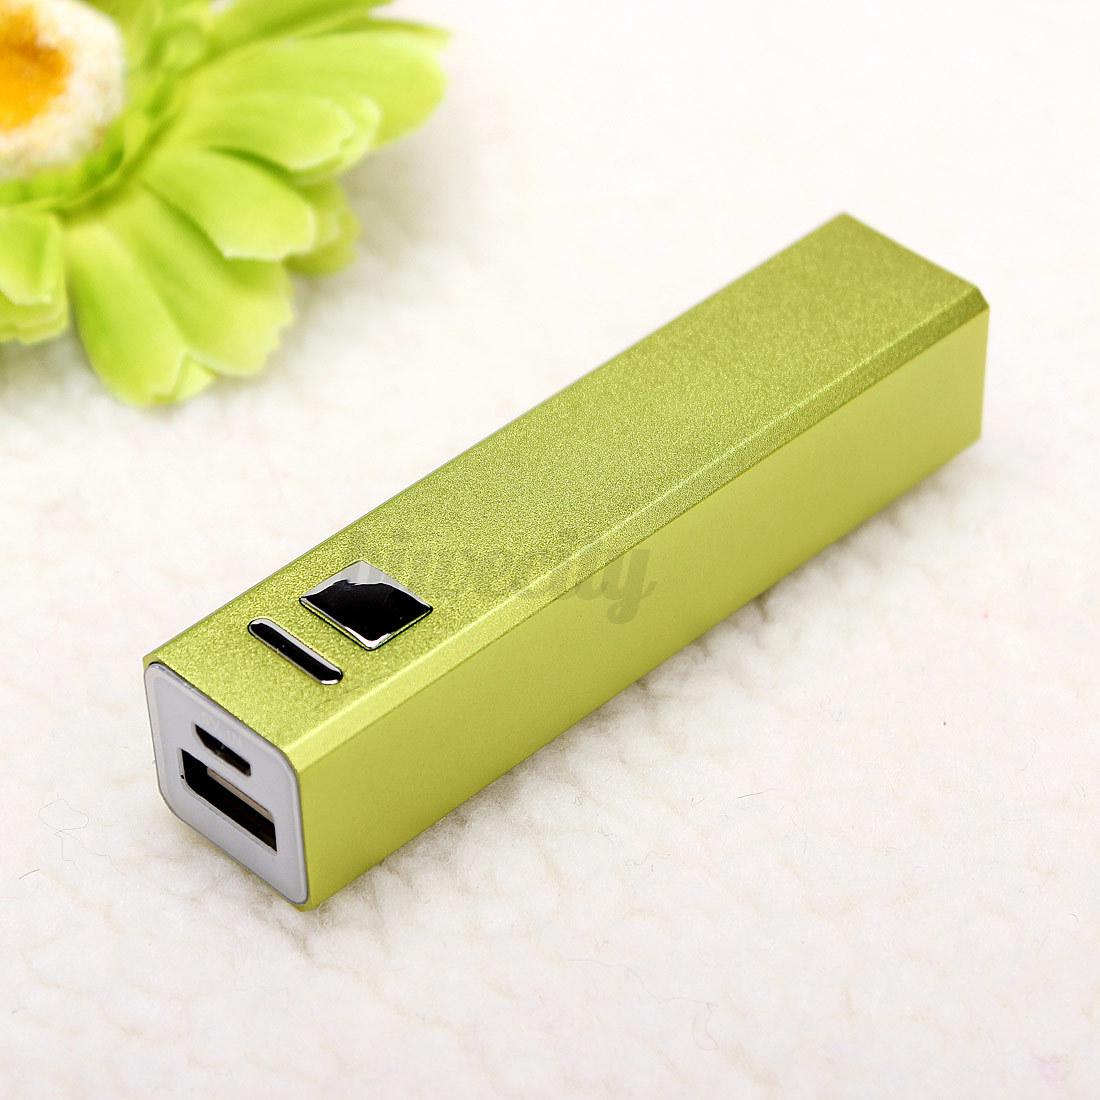 Aluminum USB 2600mAh Power Bank 18650 Battery Charger DIY ...